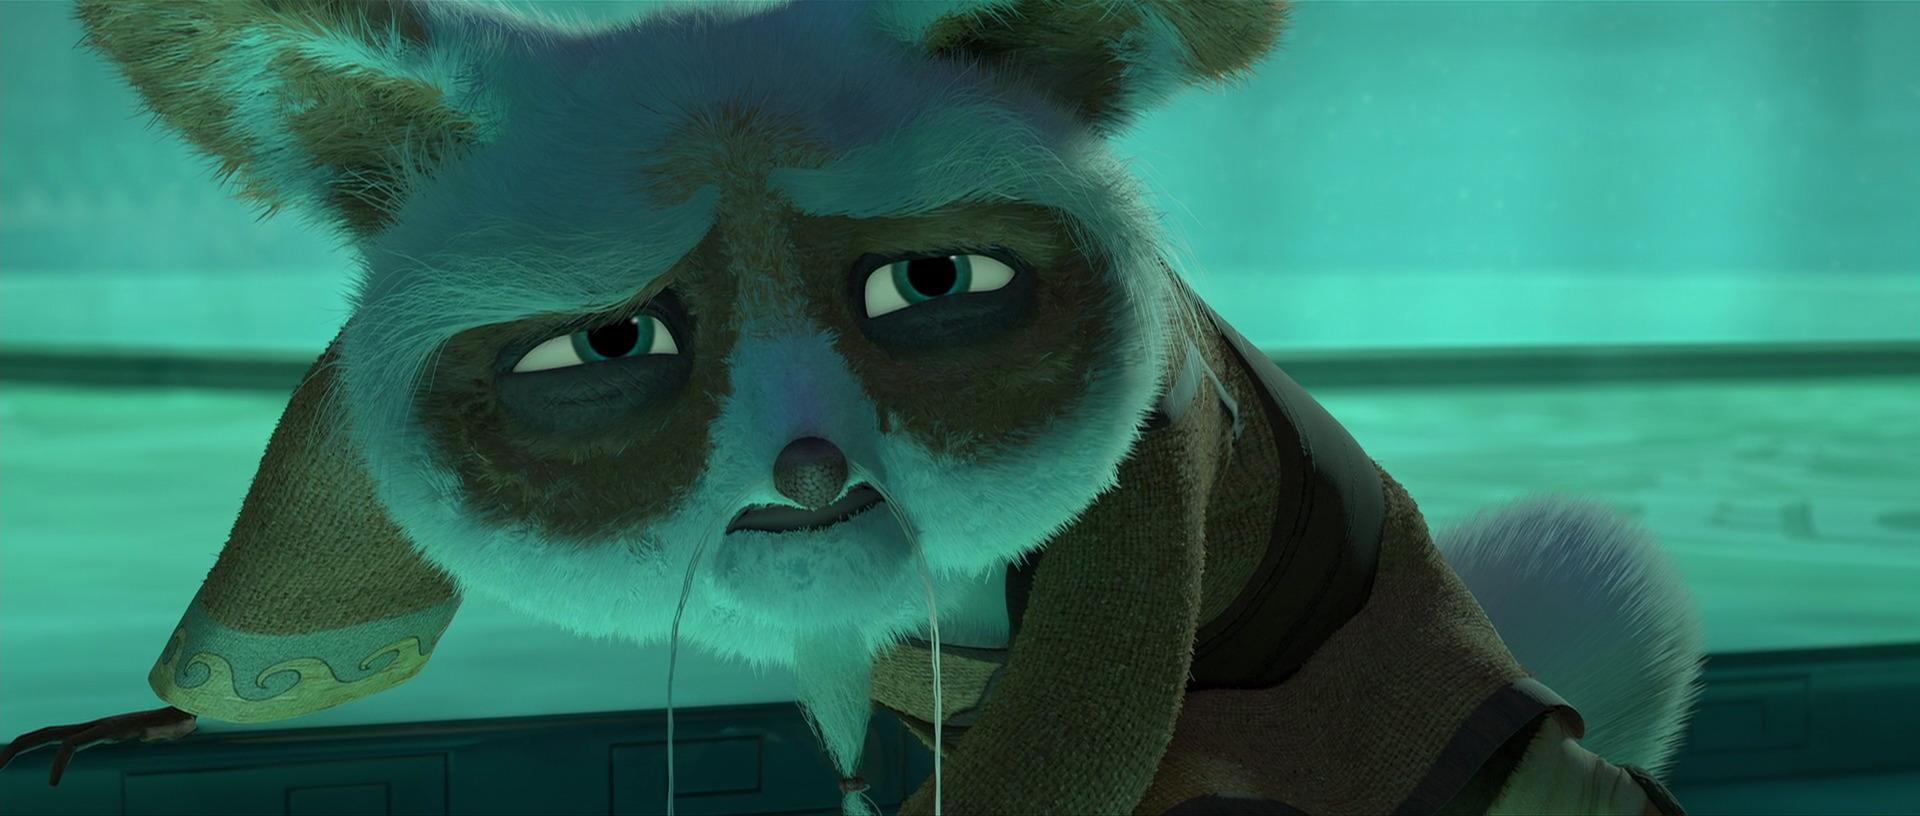 Image shifu kung fu panda wiki fandom - Kung fu panda shifu ...